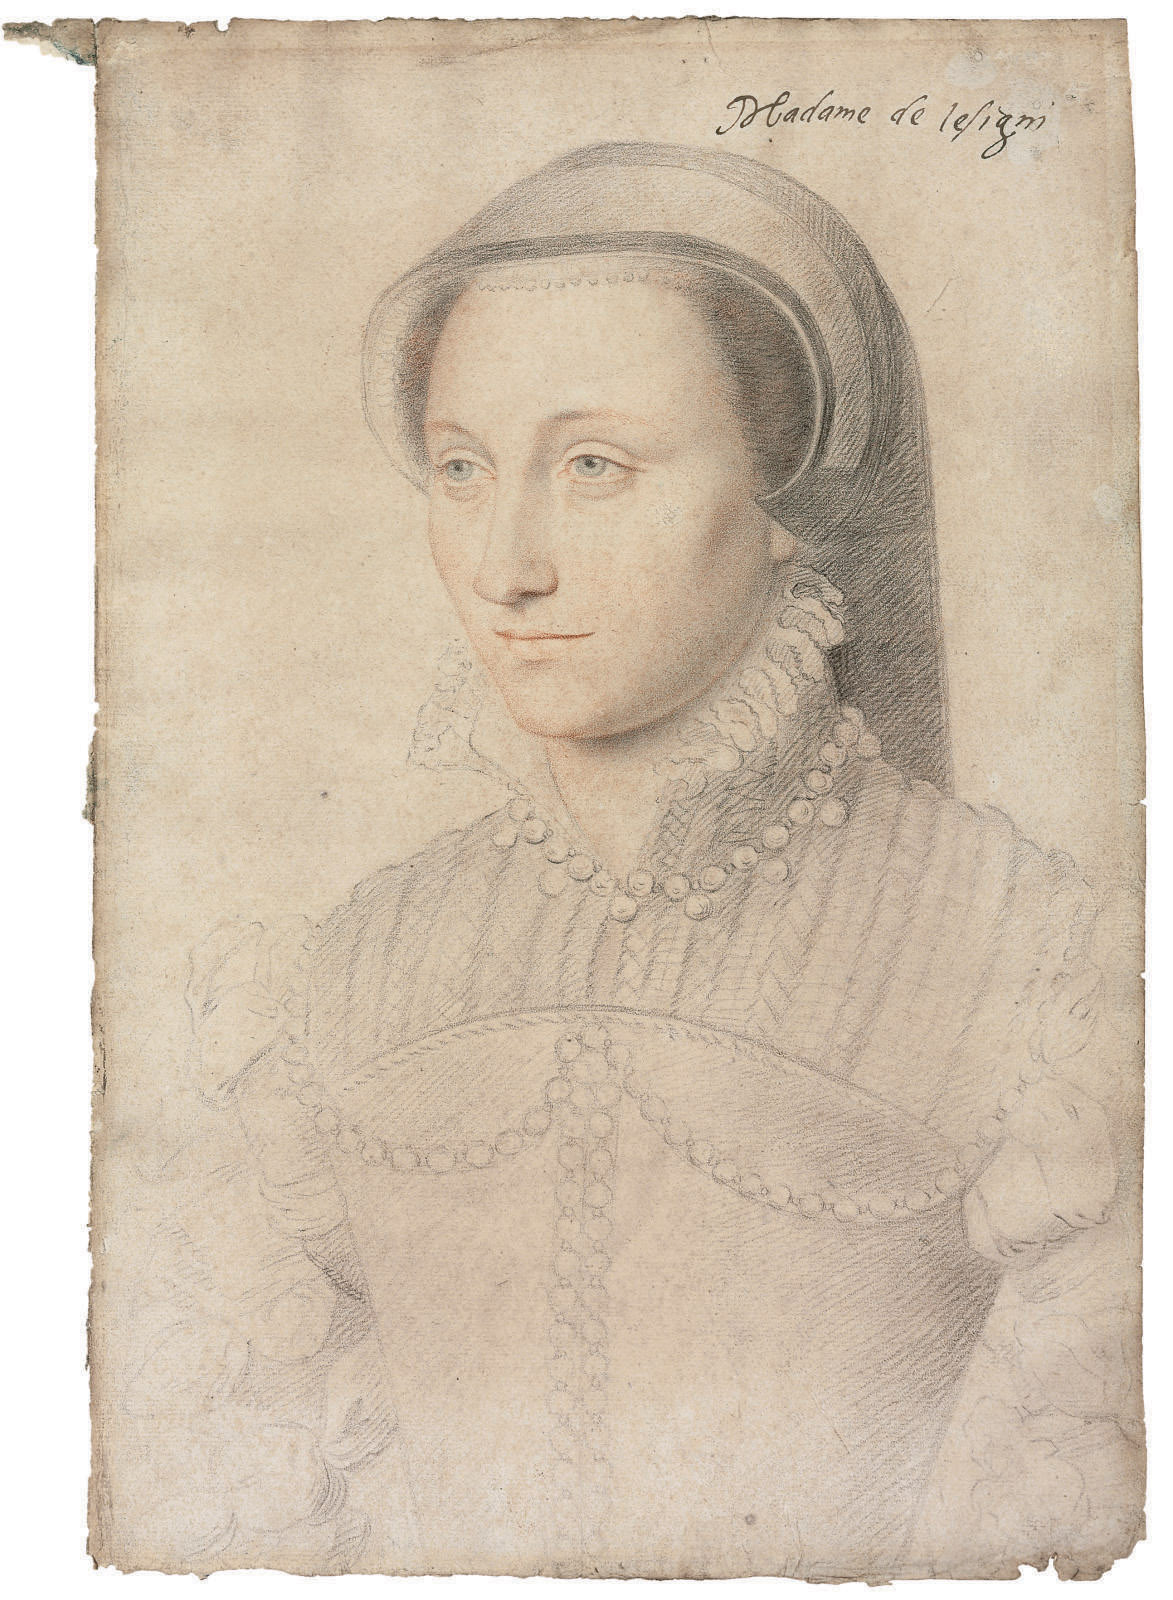 Portrait of Jeanne Clausse, dame de Lesigni